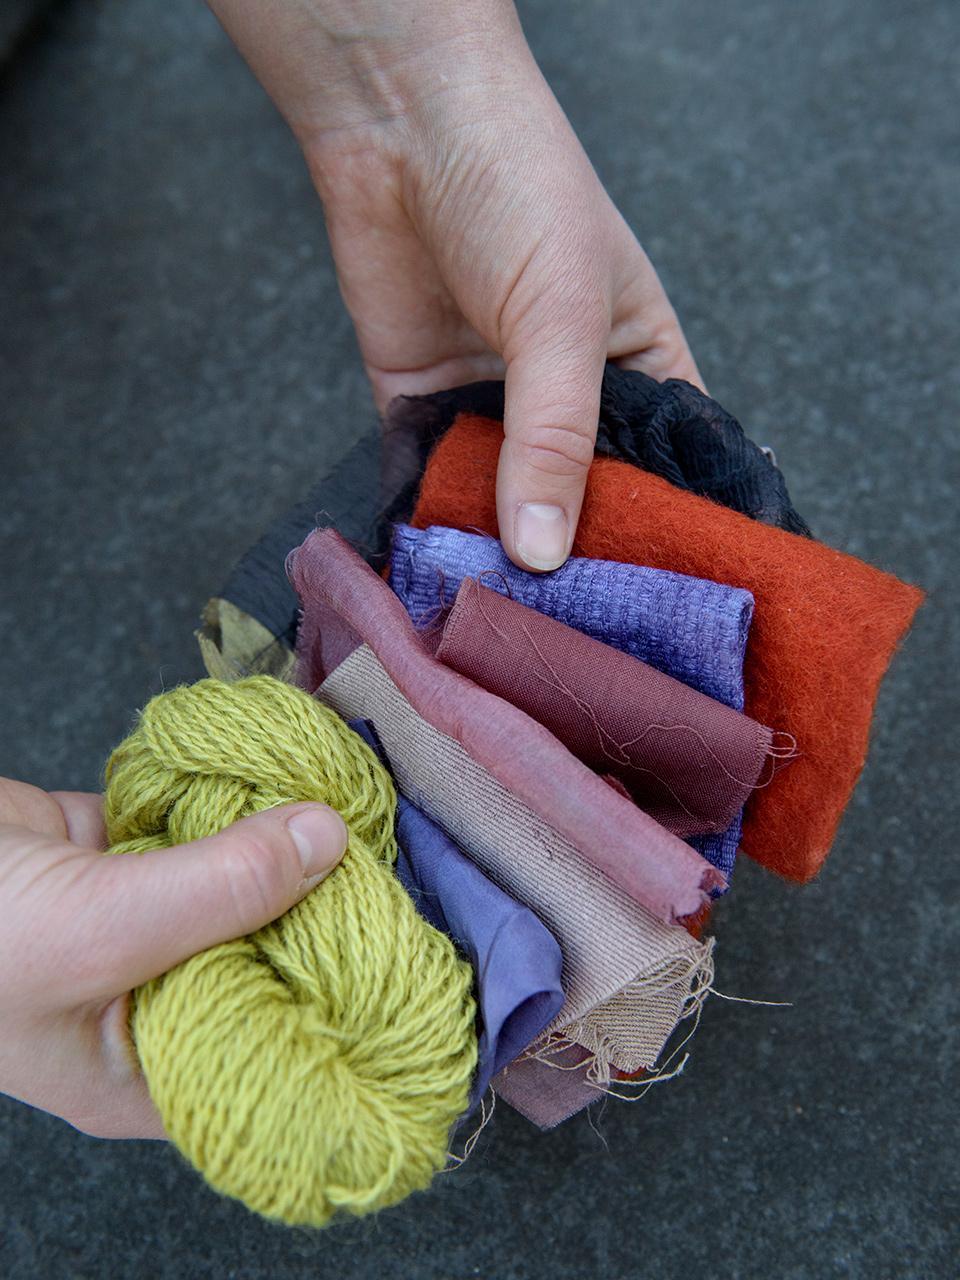 4960573f5491 Prover i blandade material - ull/ylle, hampa, siden, linne, som är färgade  med, från vänster: morotsblast, avkok från svart ris, krapp, ekollon och  järn.